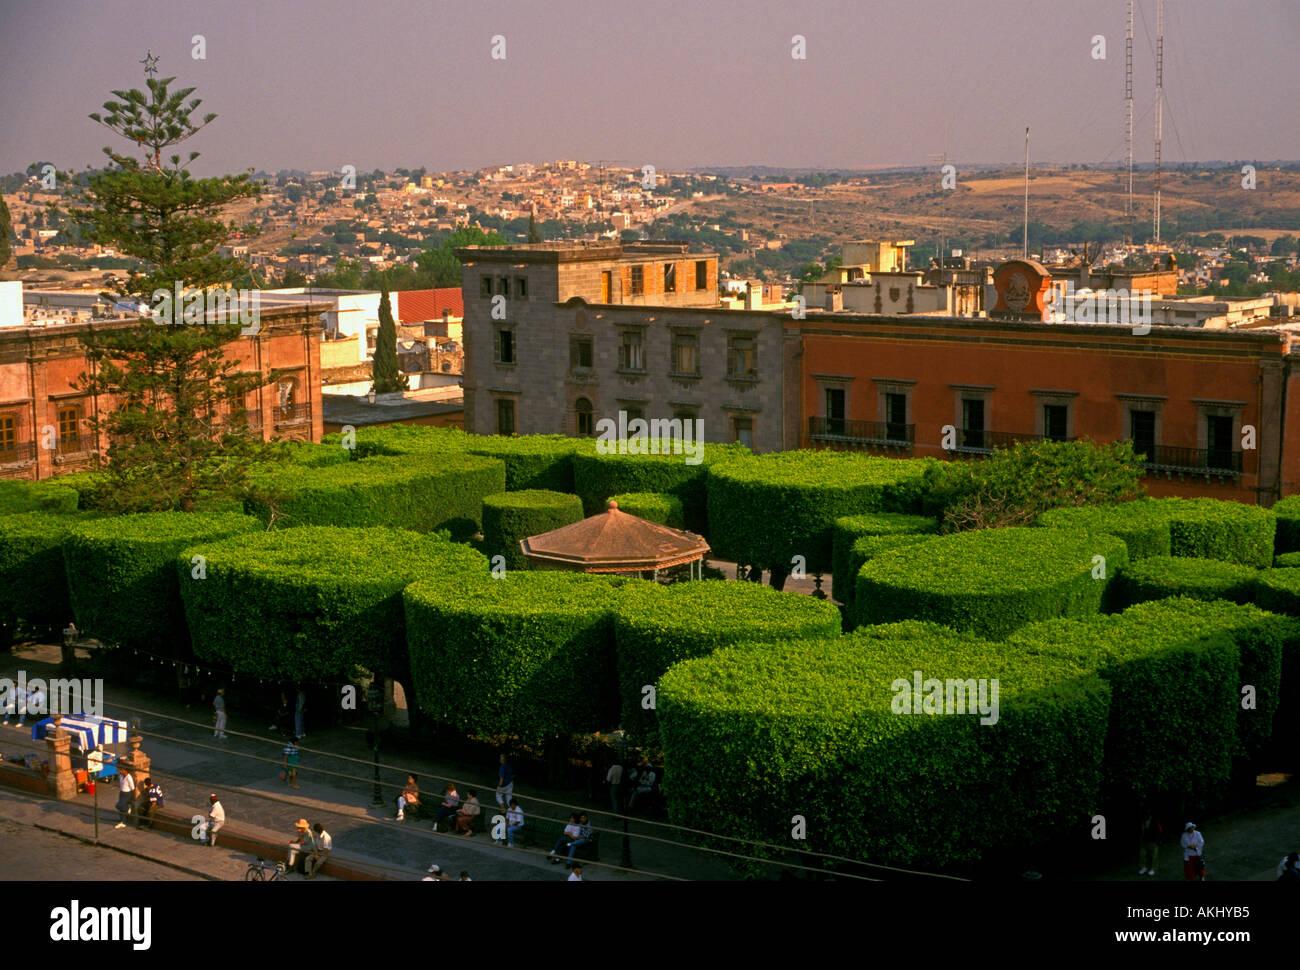 Jardin principal main garden central plaza plaza main for Central jardin rixensart